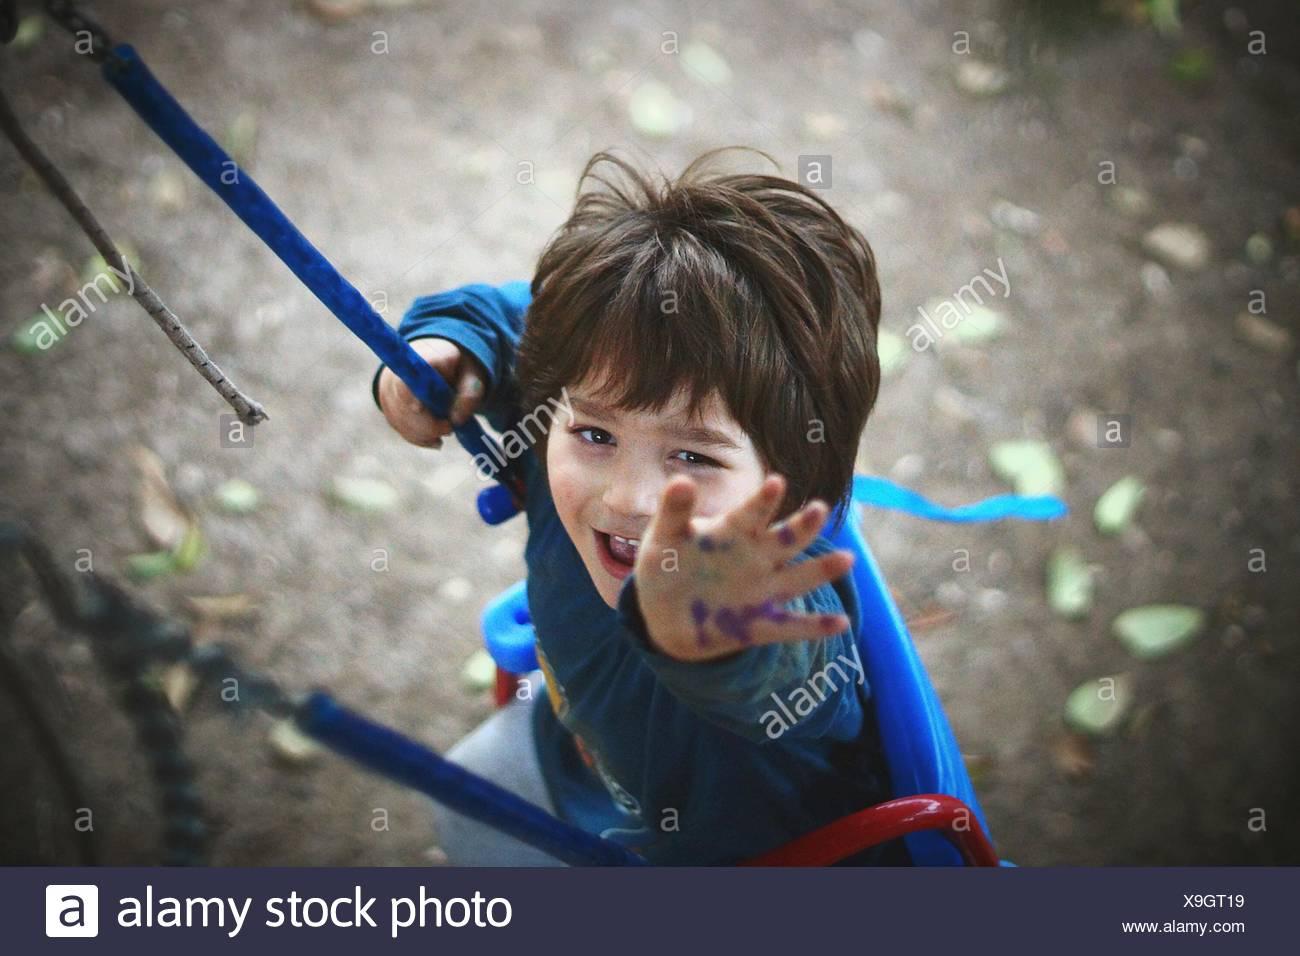 Portrait Of Boy Enjoying Swing In Park Stock Photo